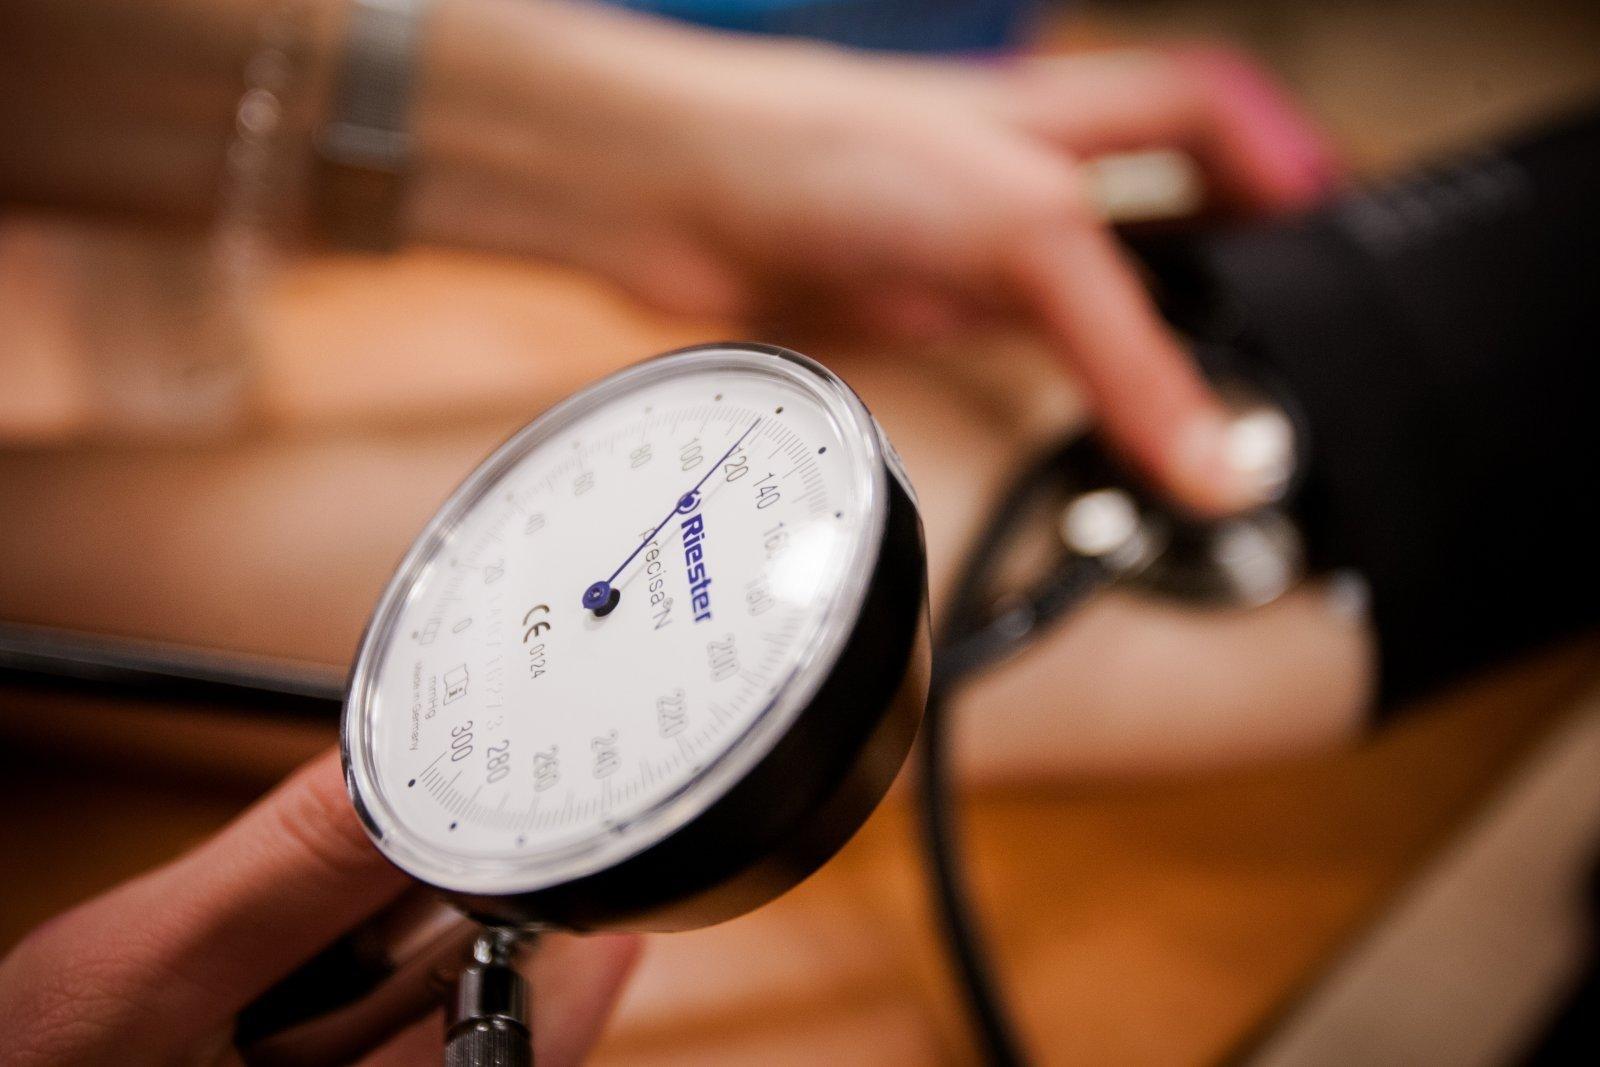 spaudimas su hipertenzija ryte rūgštynė sergant hipertenzija